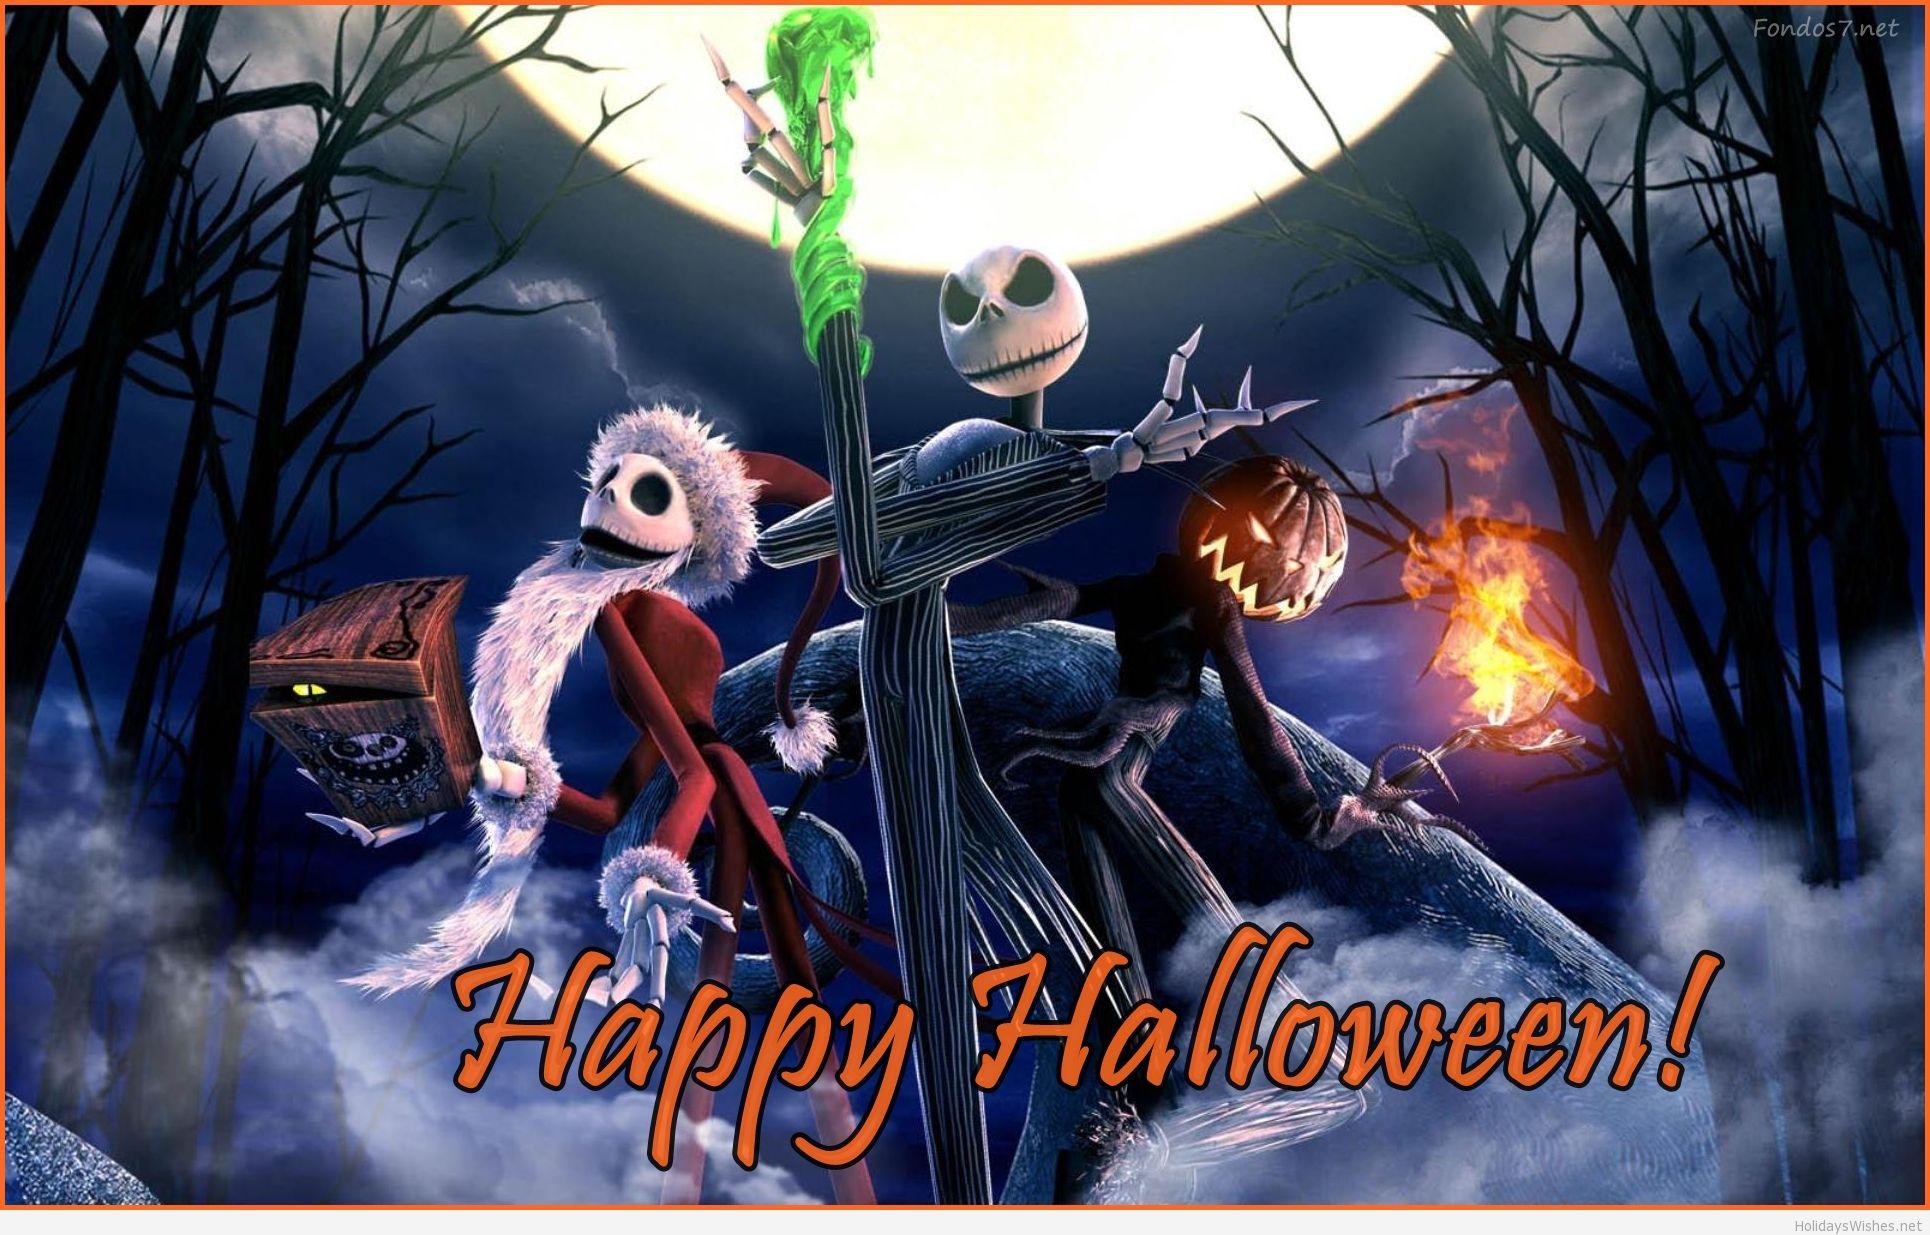 Happy-Halloween-Nightmare-Before-Christmas-Image